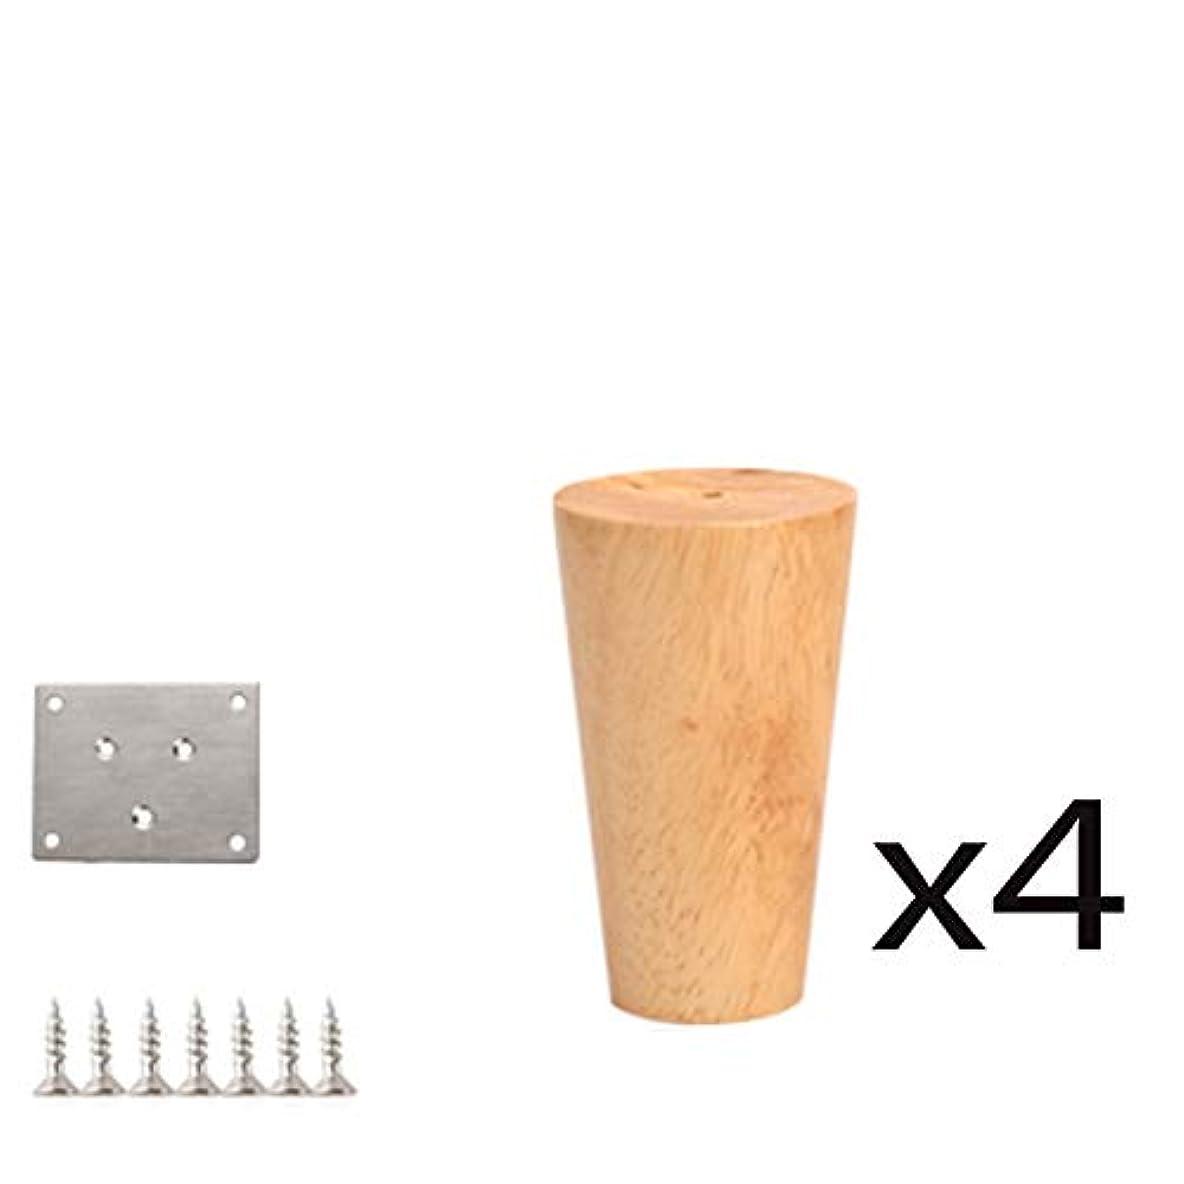 マトンペダル国民4x ソリッドウッドの家具の足、家具のマット、コーヒーテーブル/ソファ/キャビネット/チェア/ベッド/テーブルレッグ、サイズの様々な、耐久性の増加